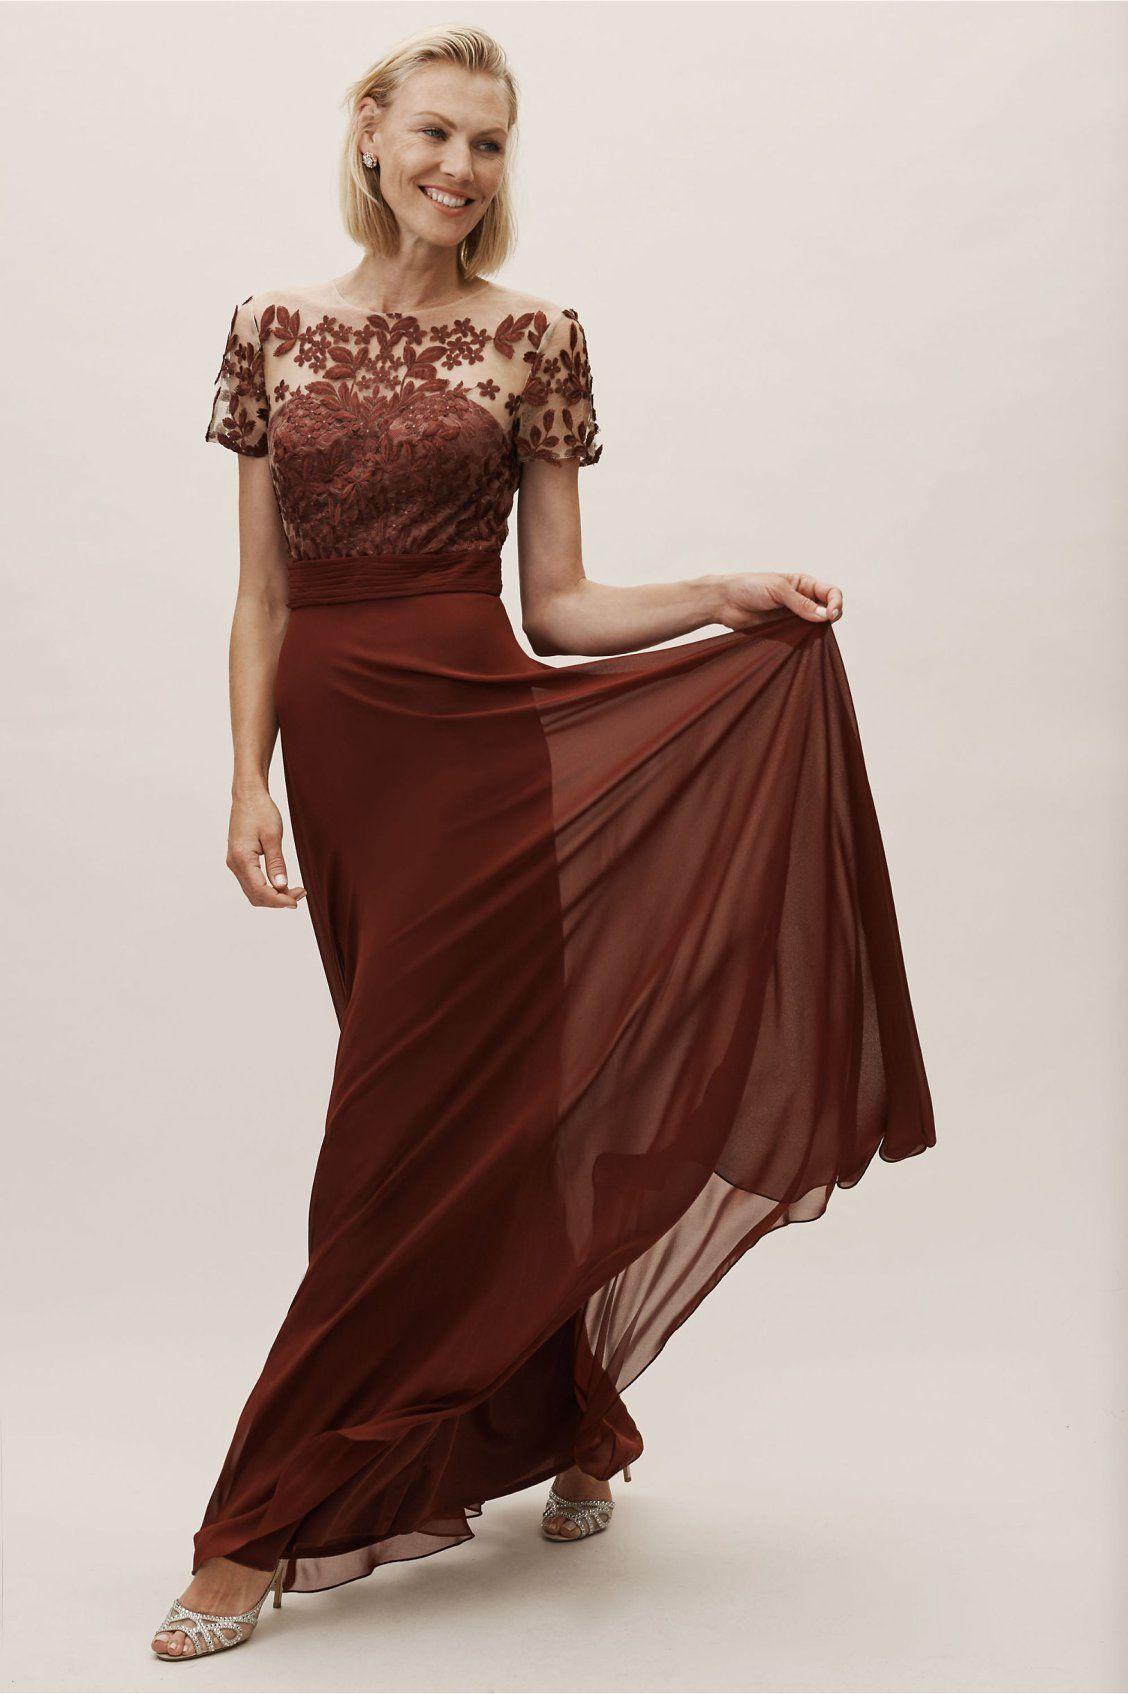 8f4ffed6754 Guthrie Dress from BHLDN. Guthrie Dress from BHLDN Bhldn Wedding ...